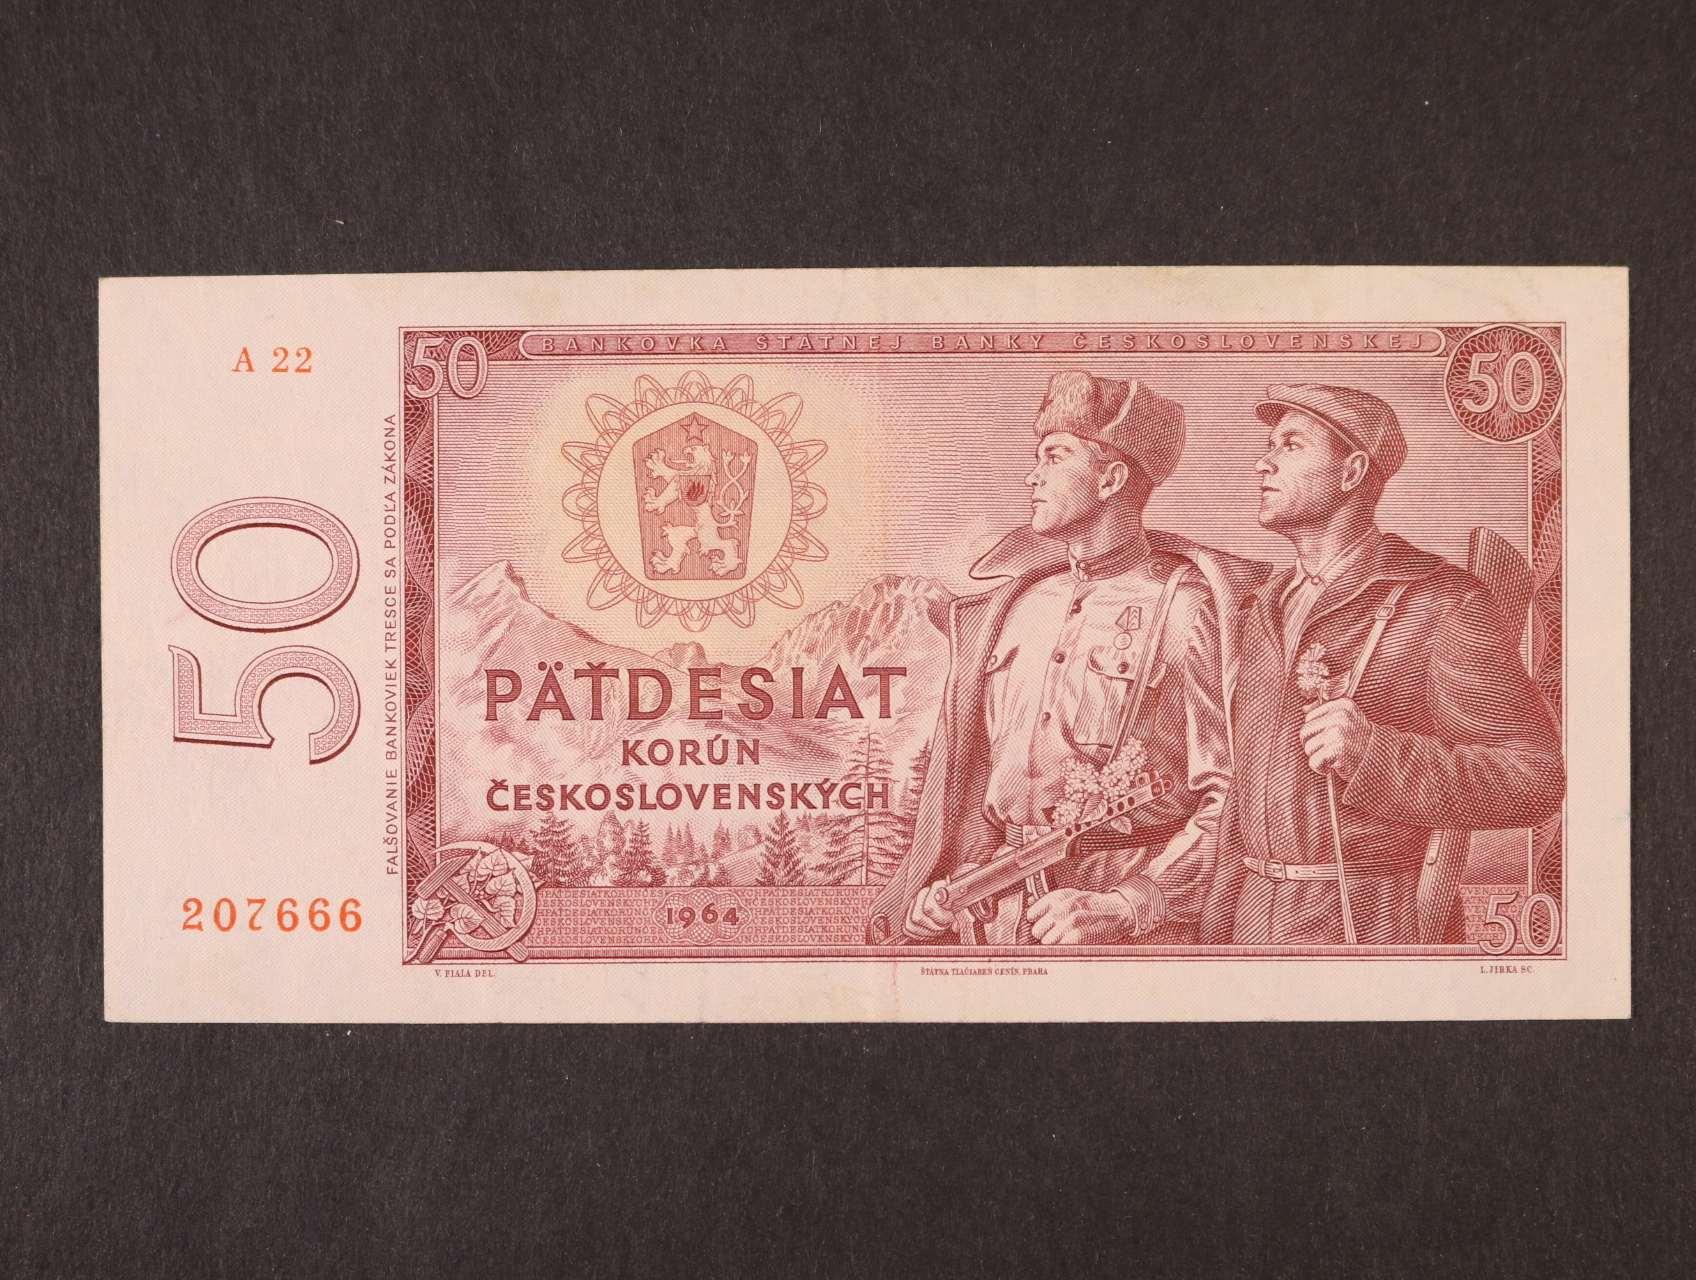 50 Kčs 1964 série A 22, Ba. 99b1, Pi. 90a